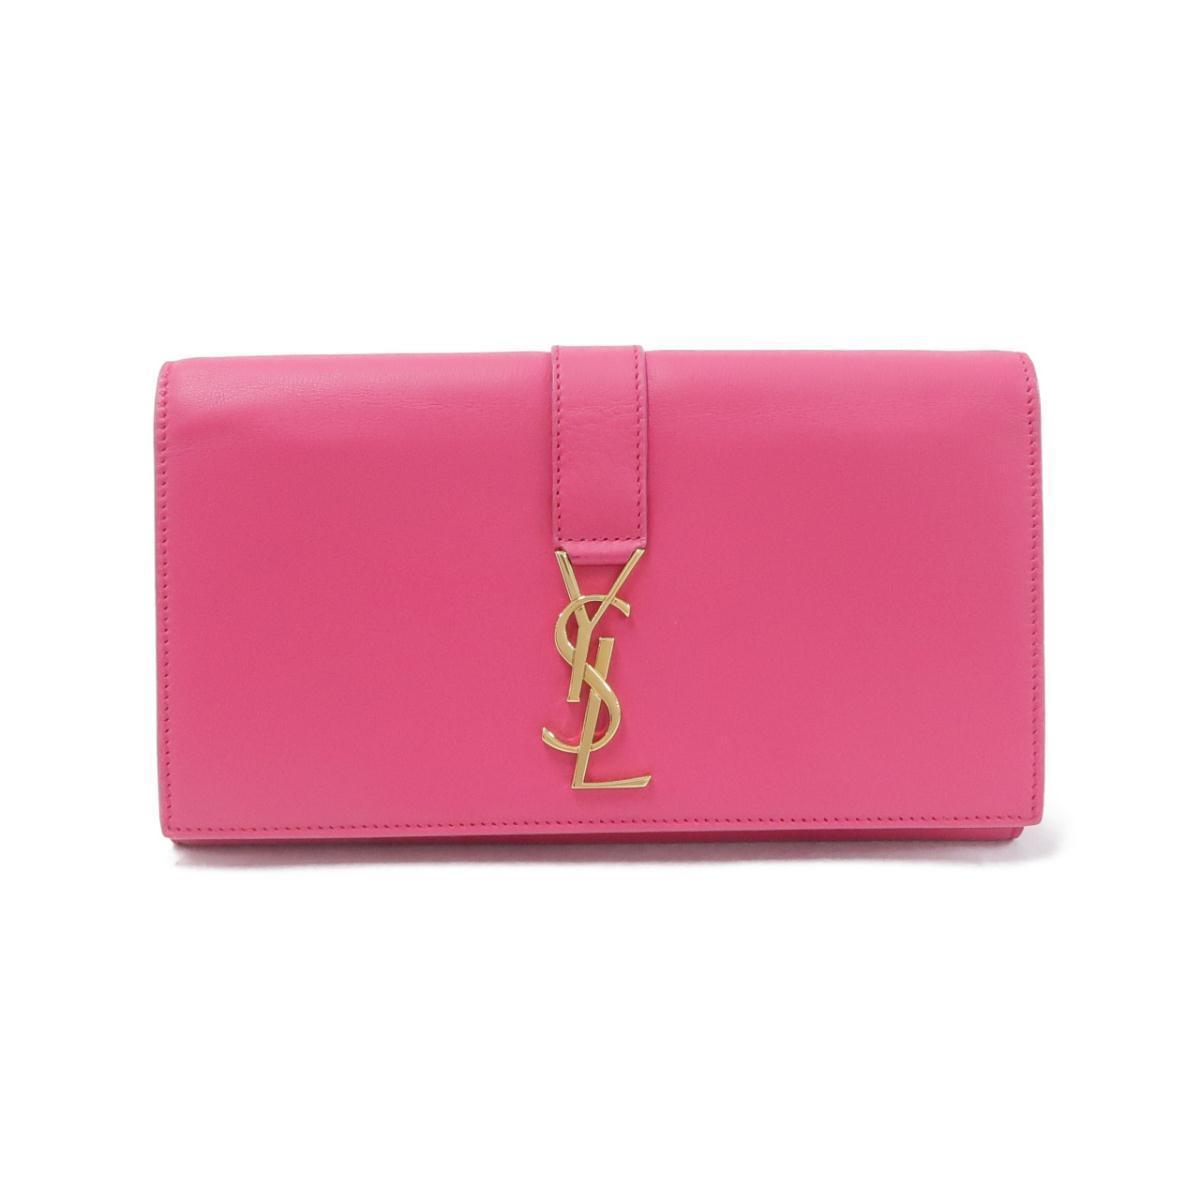 サンローランのピンクの長財布